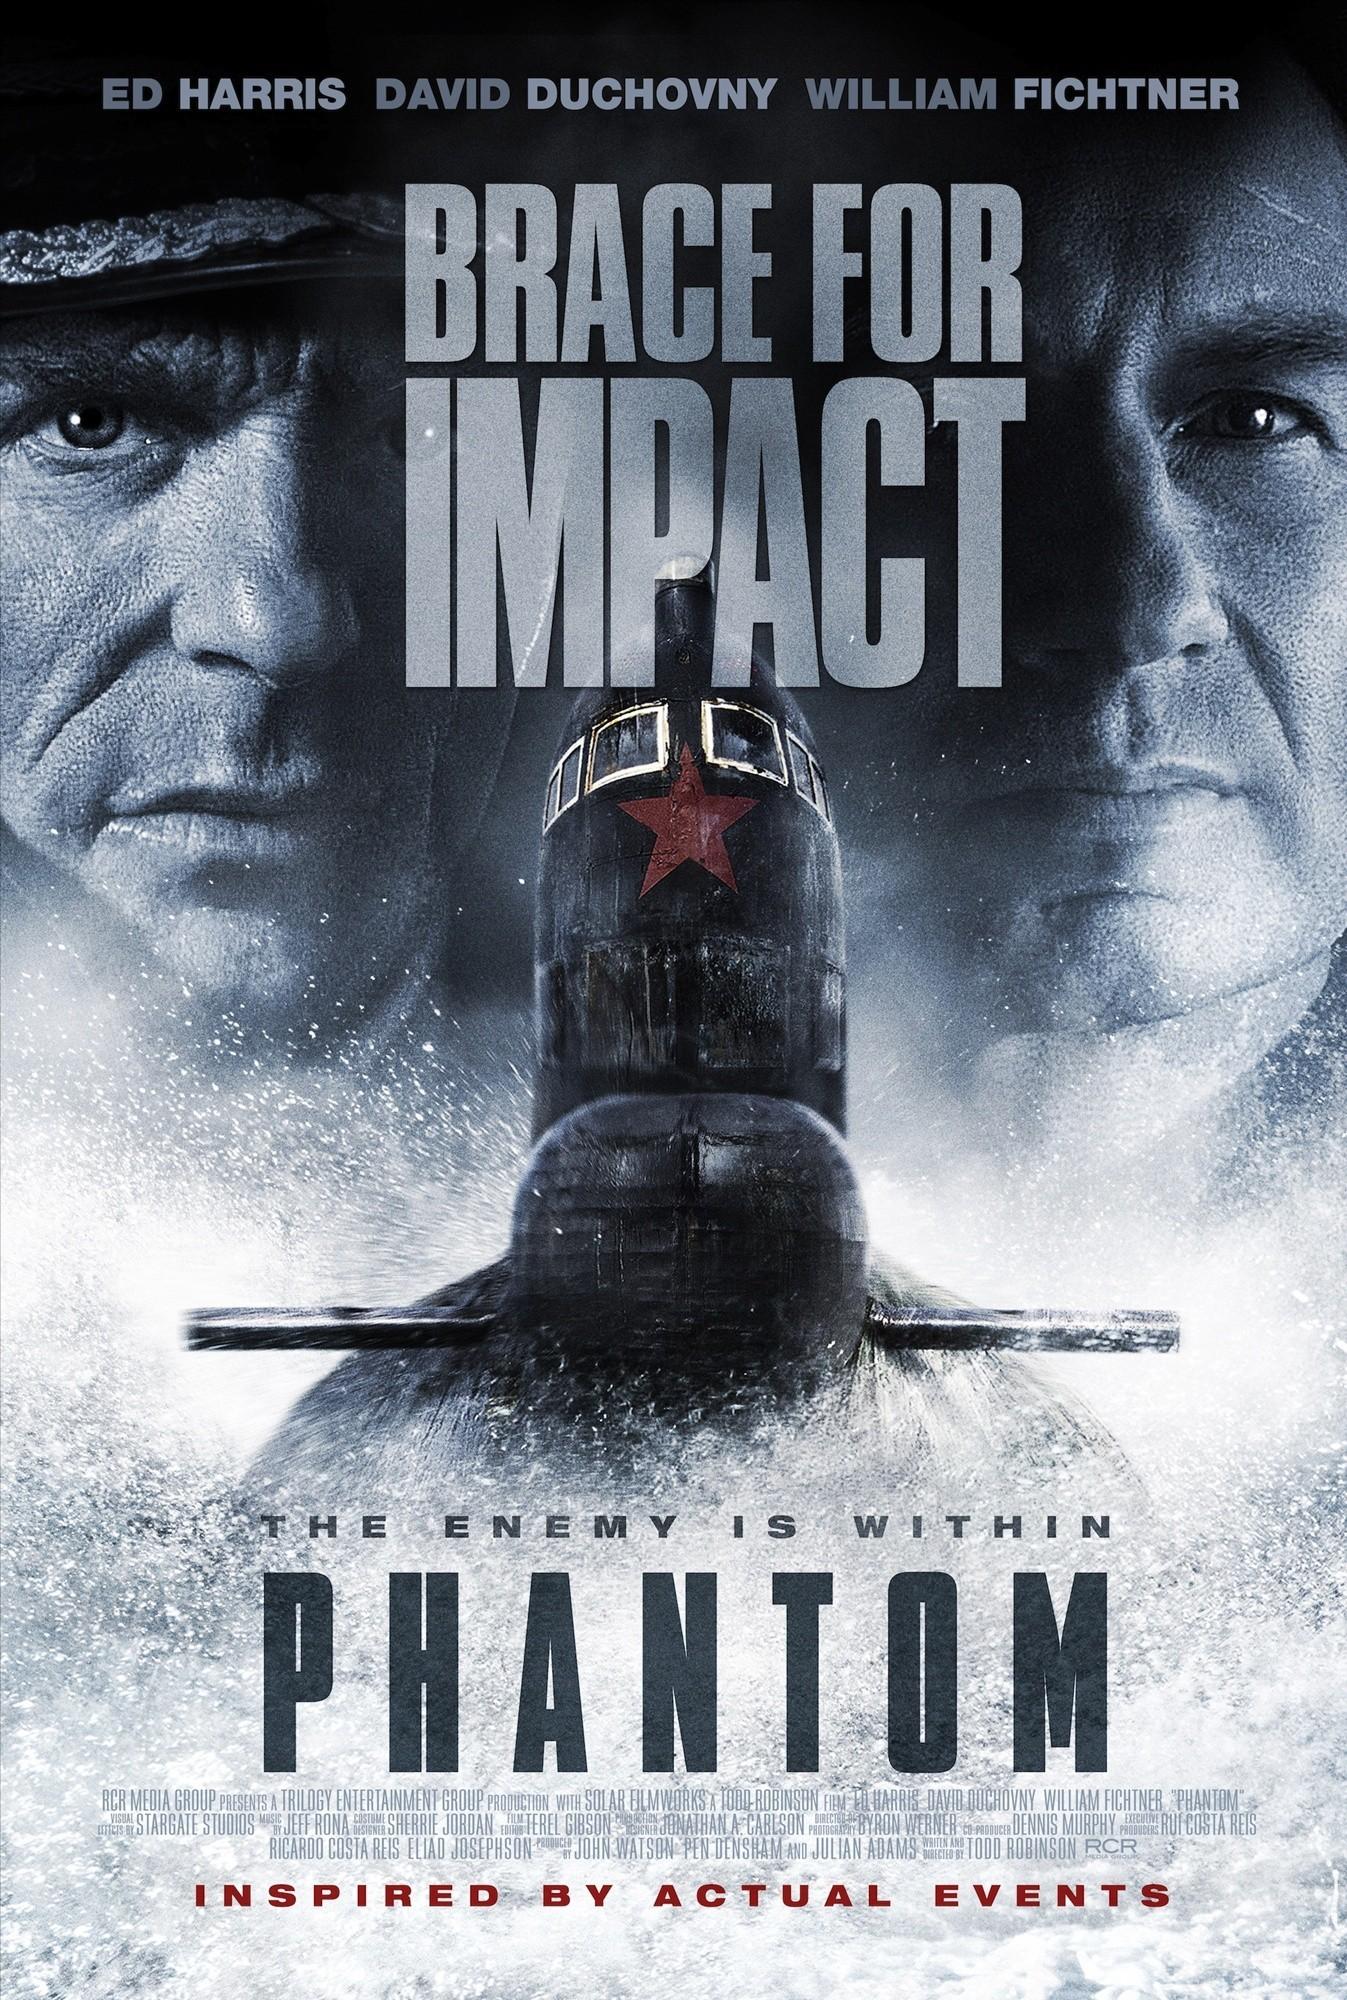 Submarines War Movies Last Saw a Submarine Movie